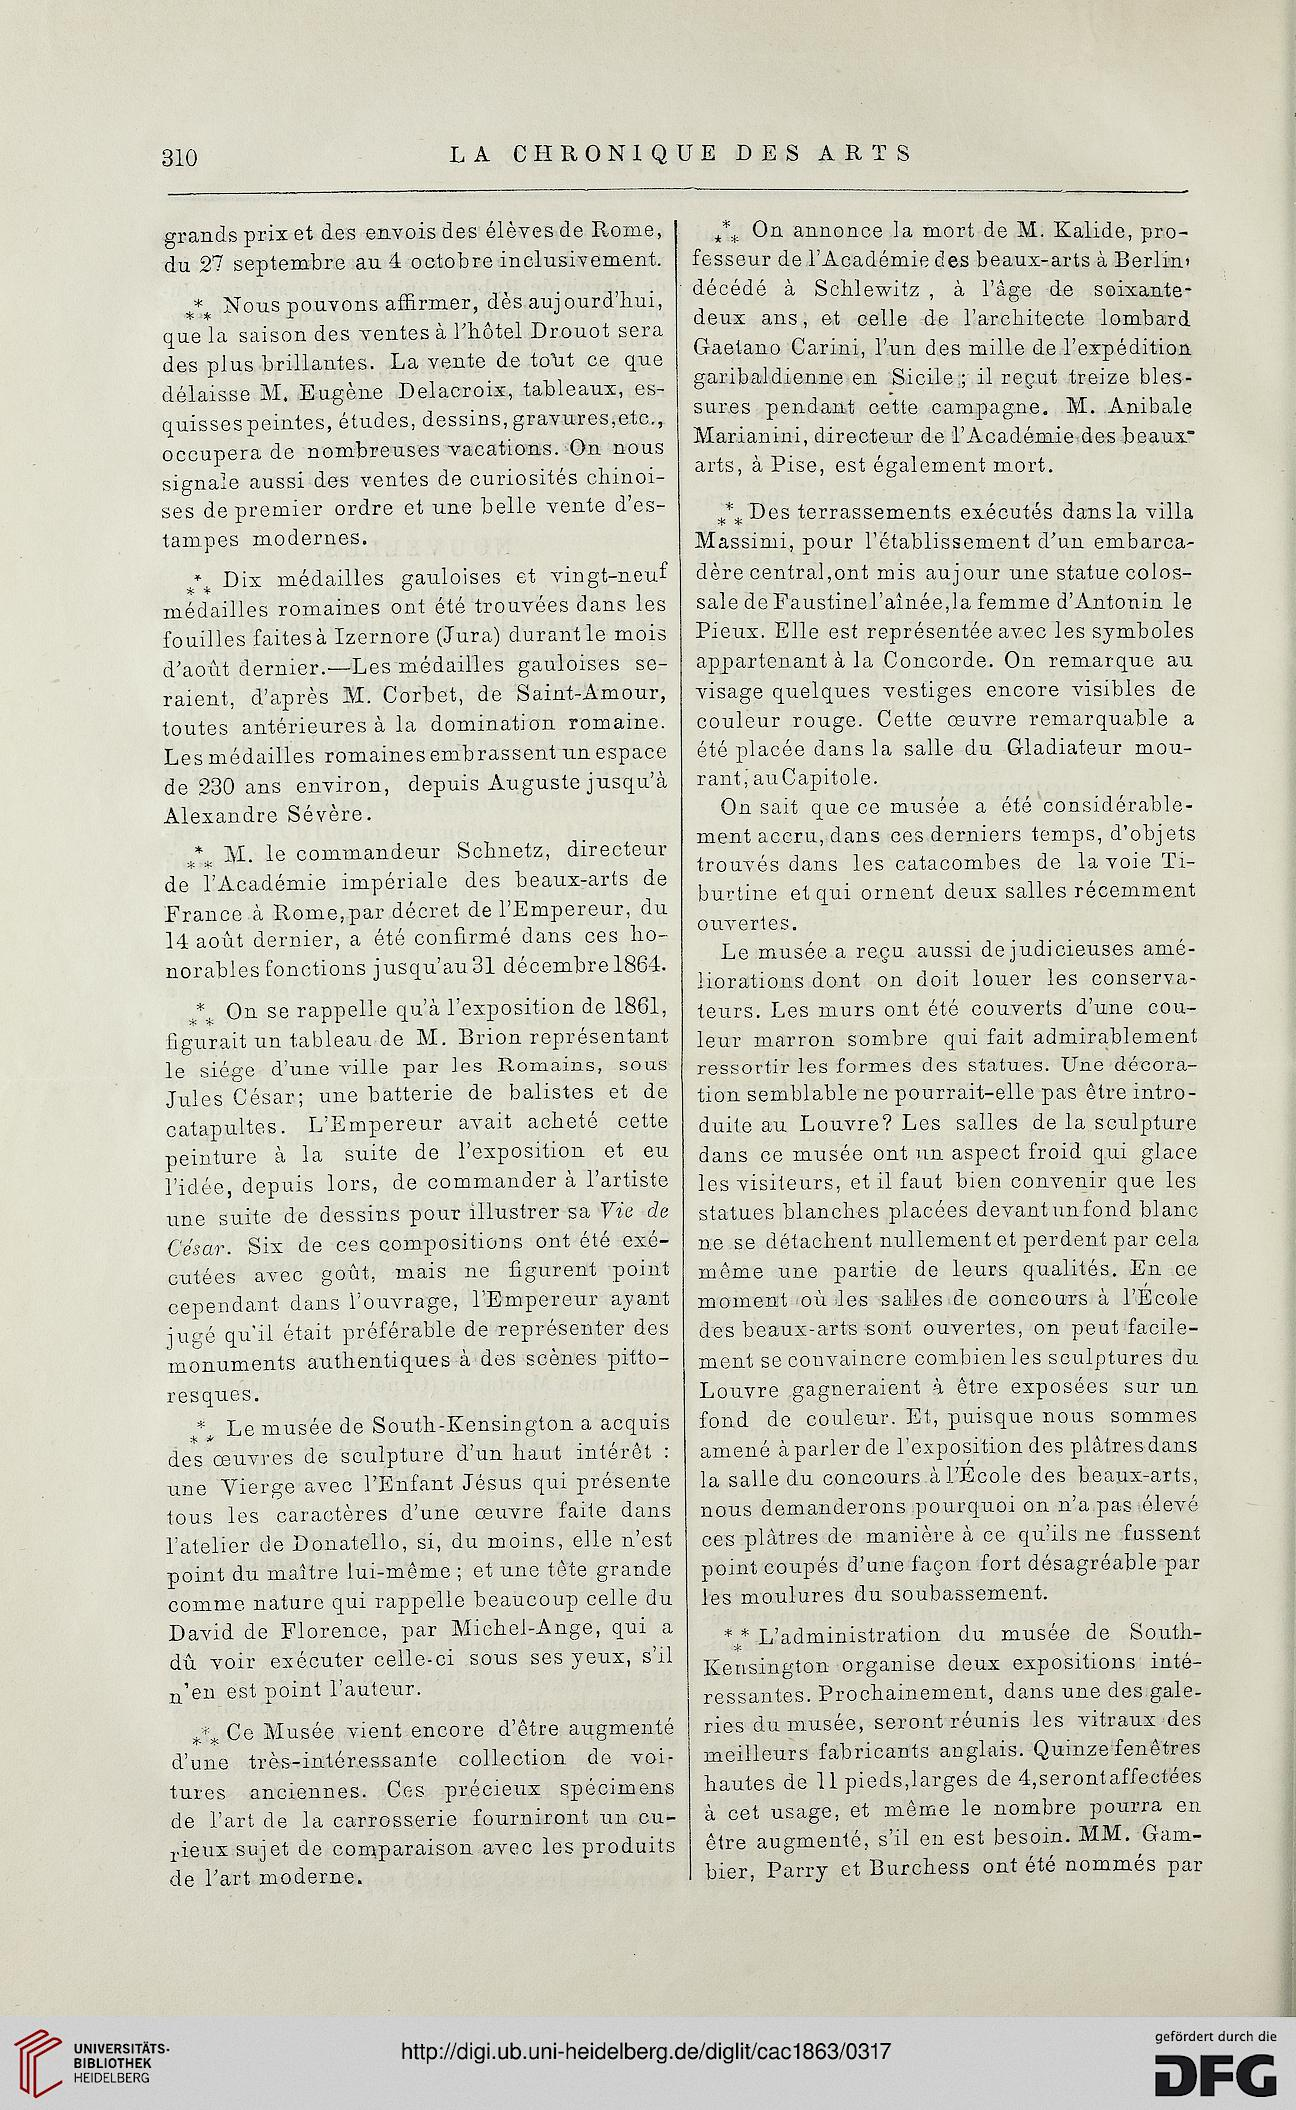 La chronique des arts et de la curiosité (1863)